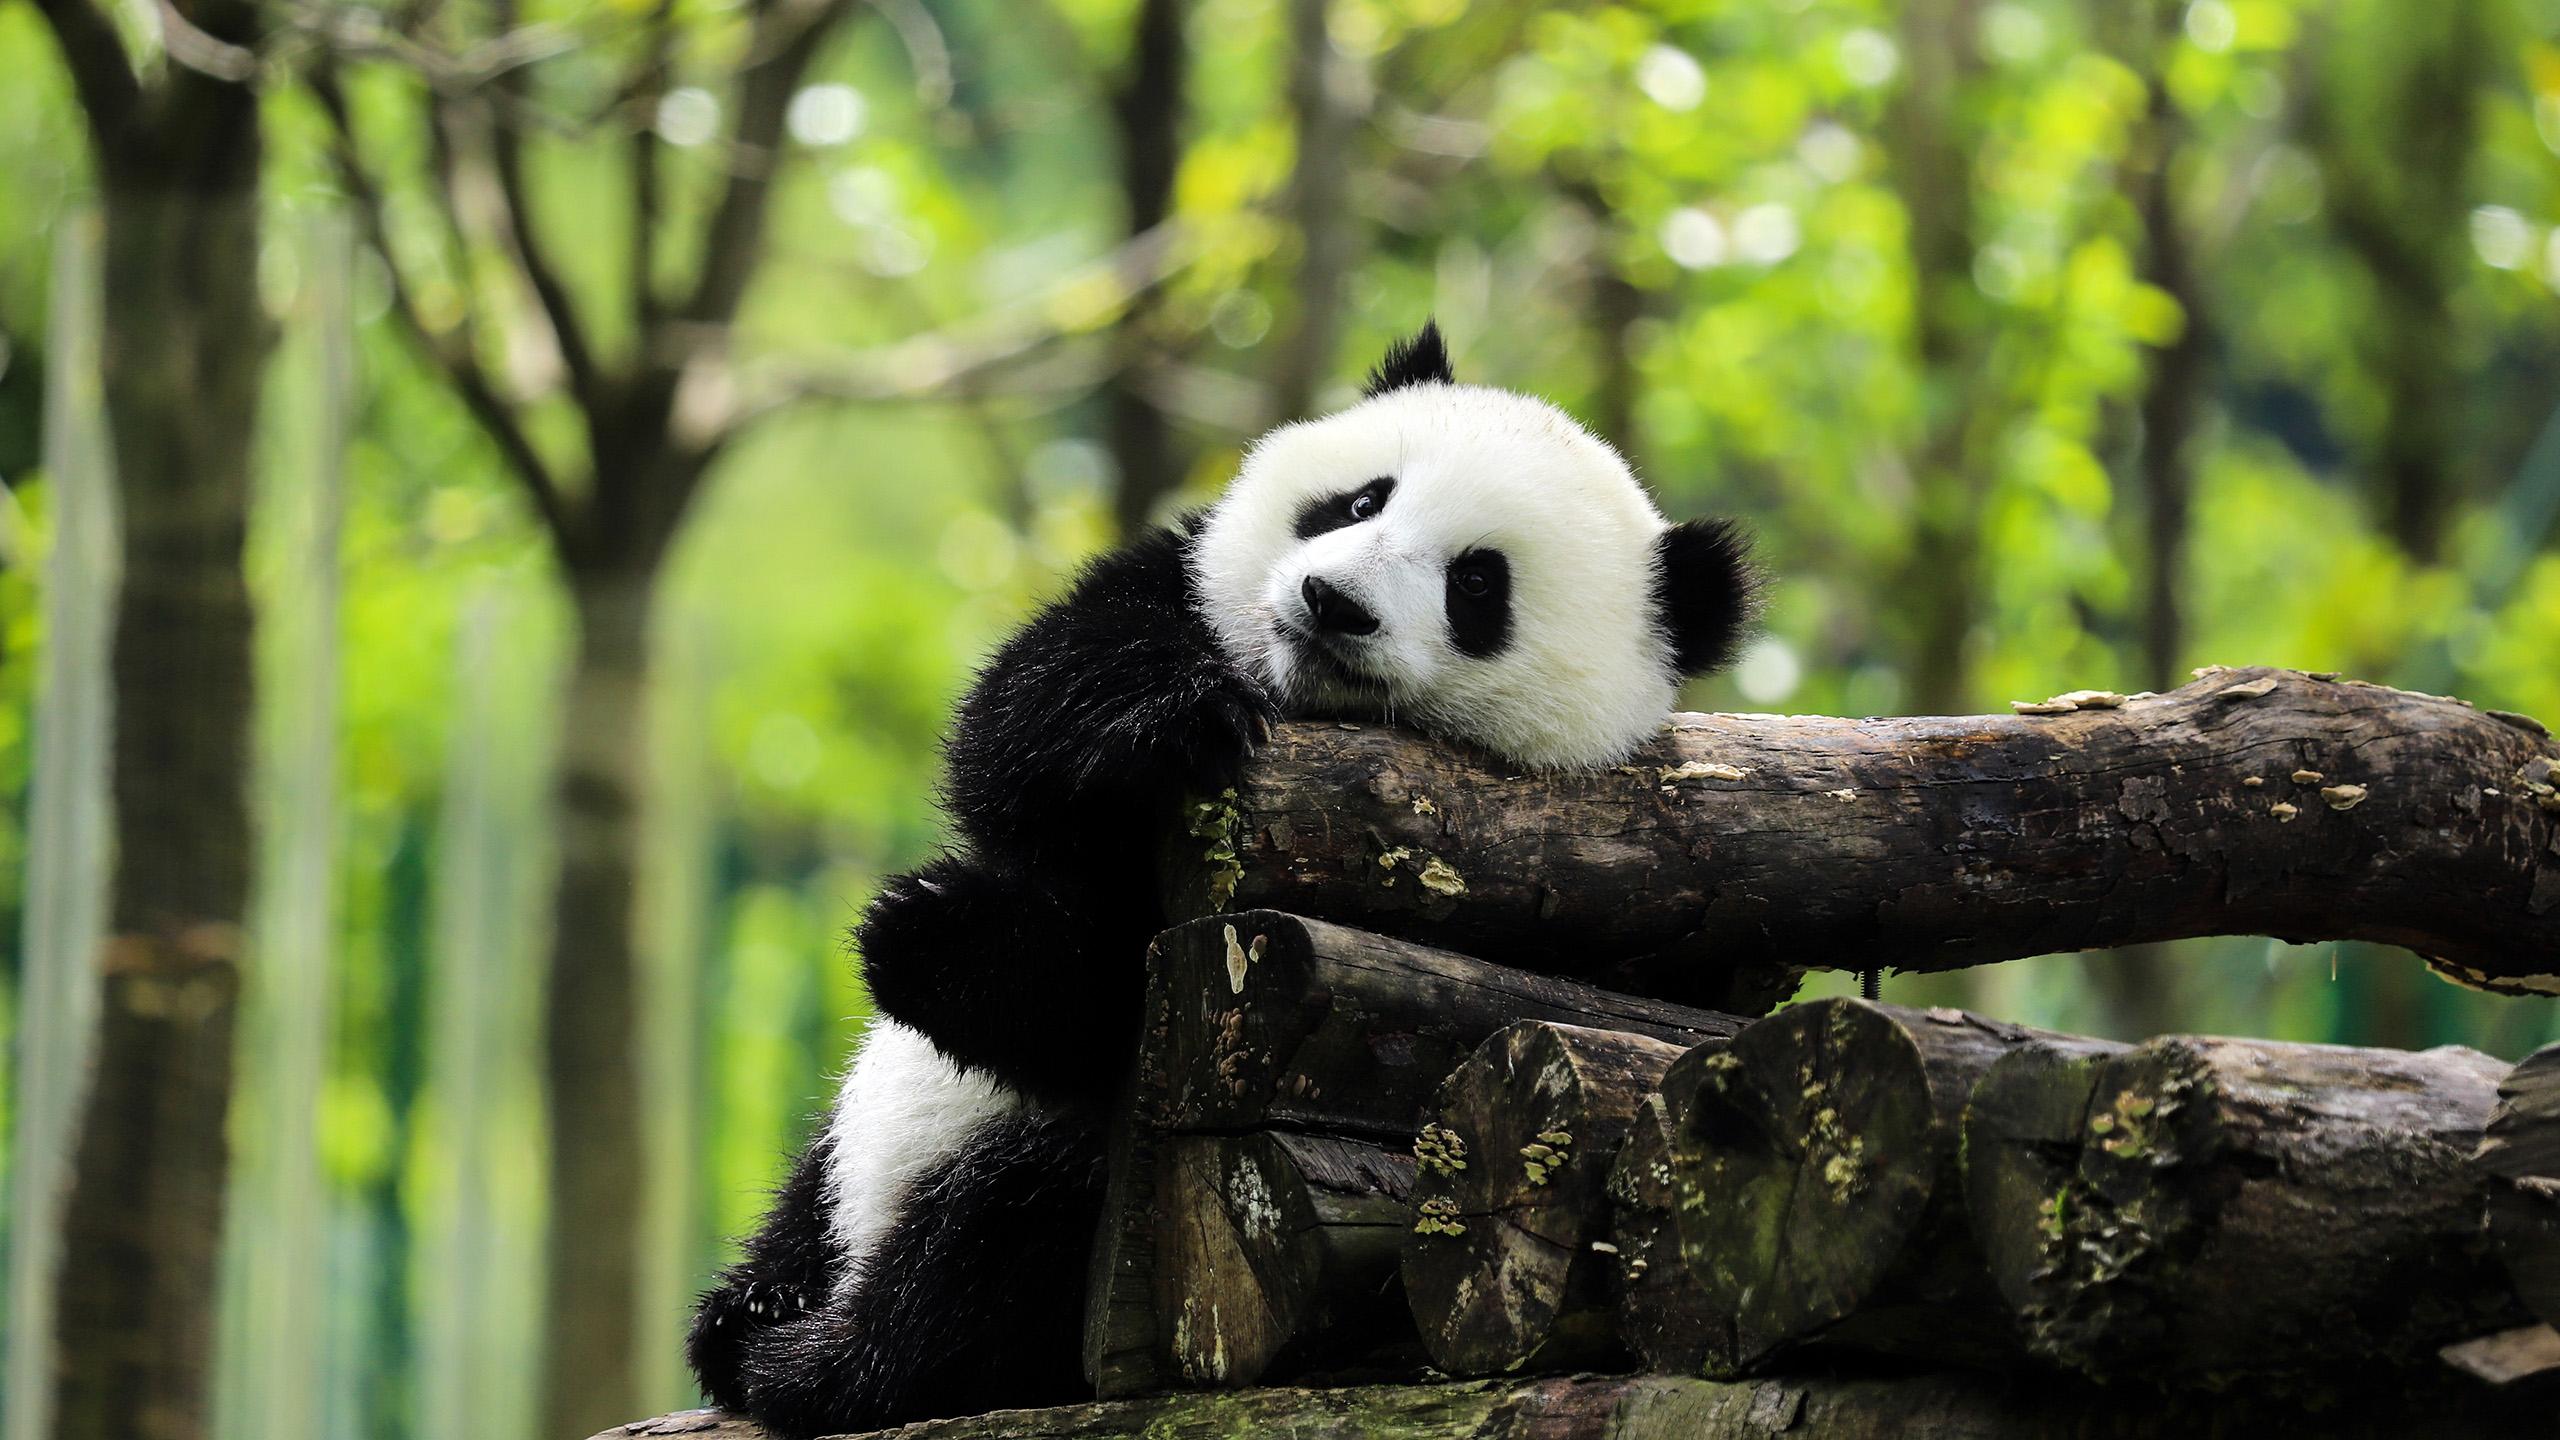 萌宠动物,野生动物,熊猫,树林